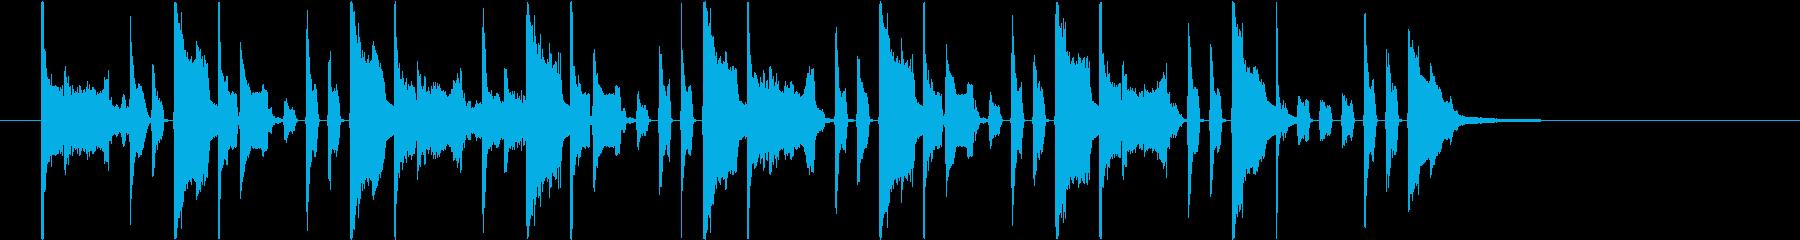 ピコ効果音】プリントアウトの再生済みの波形